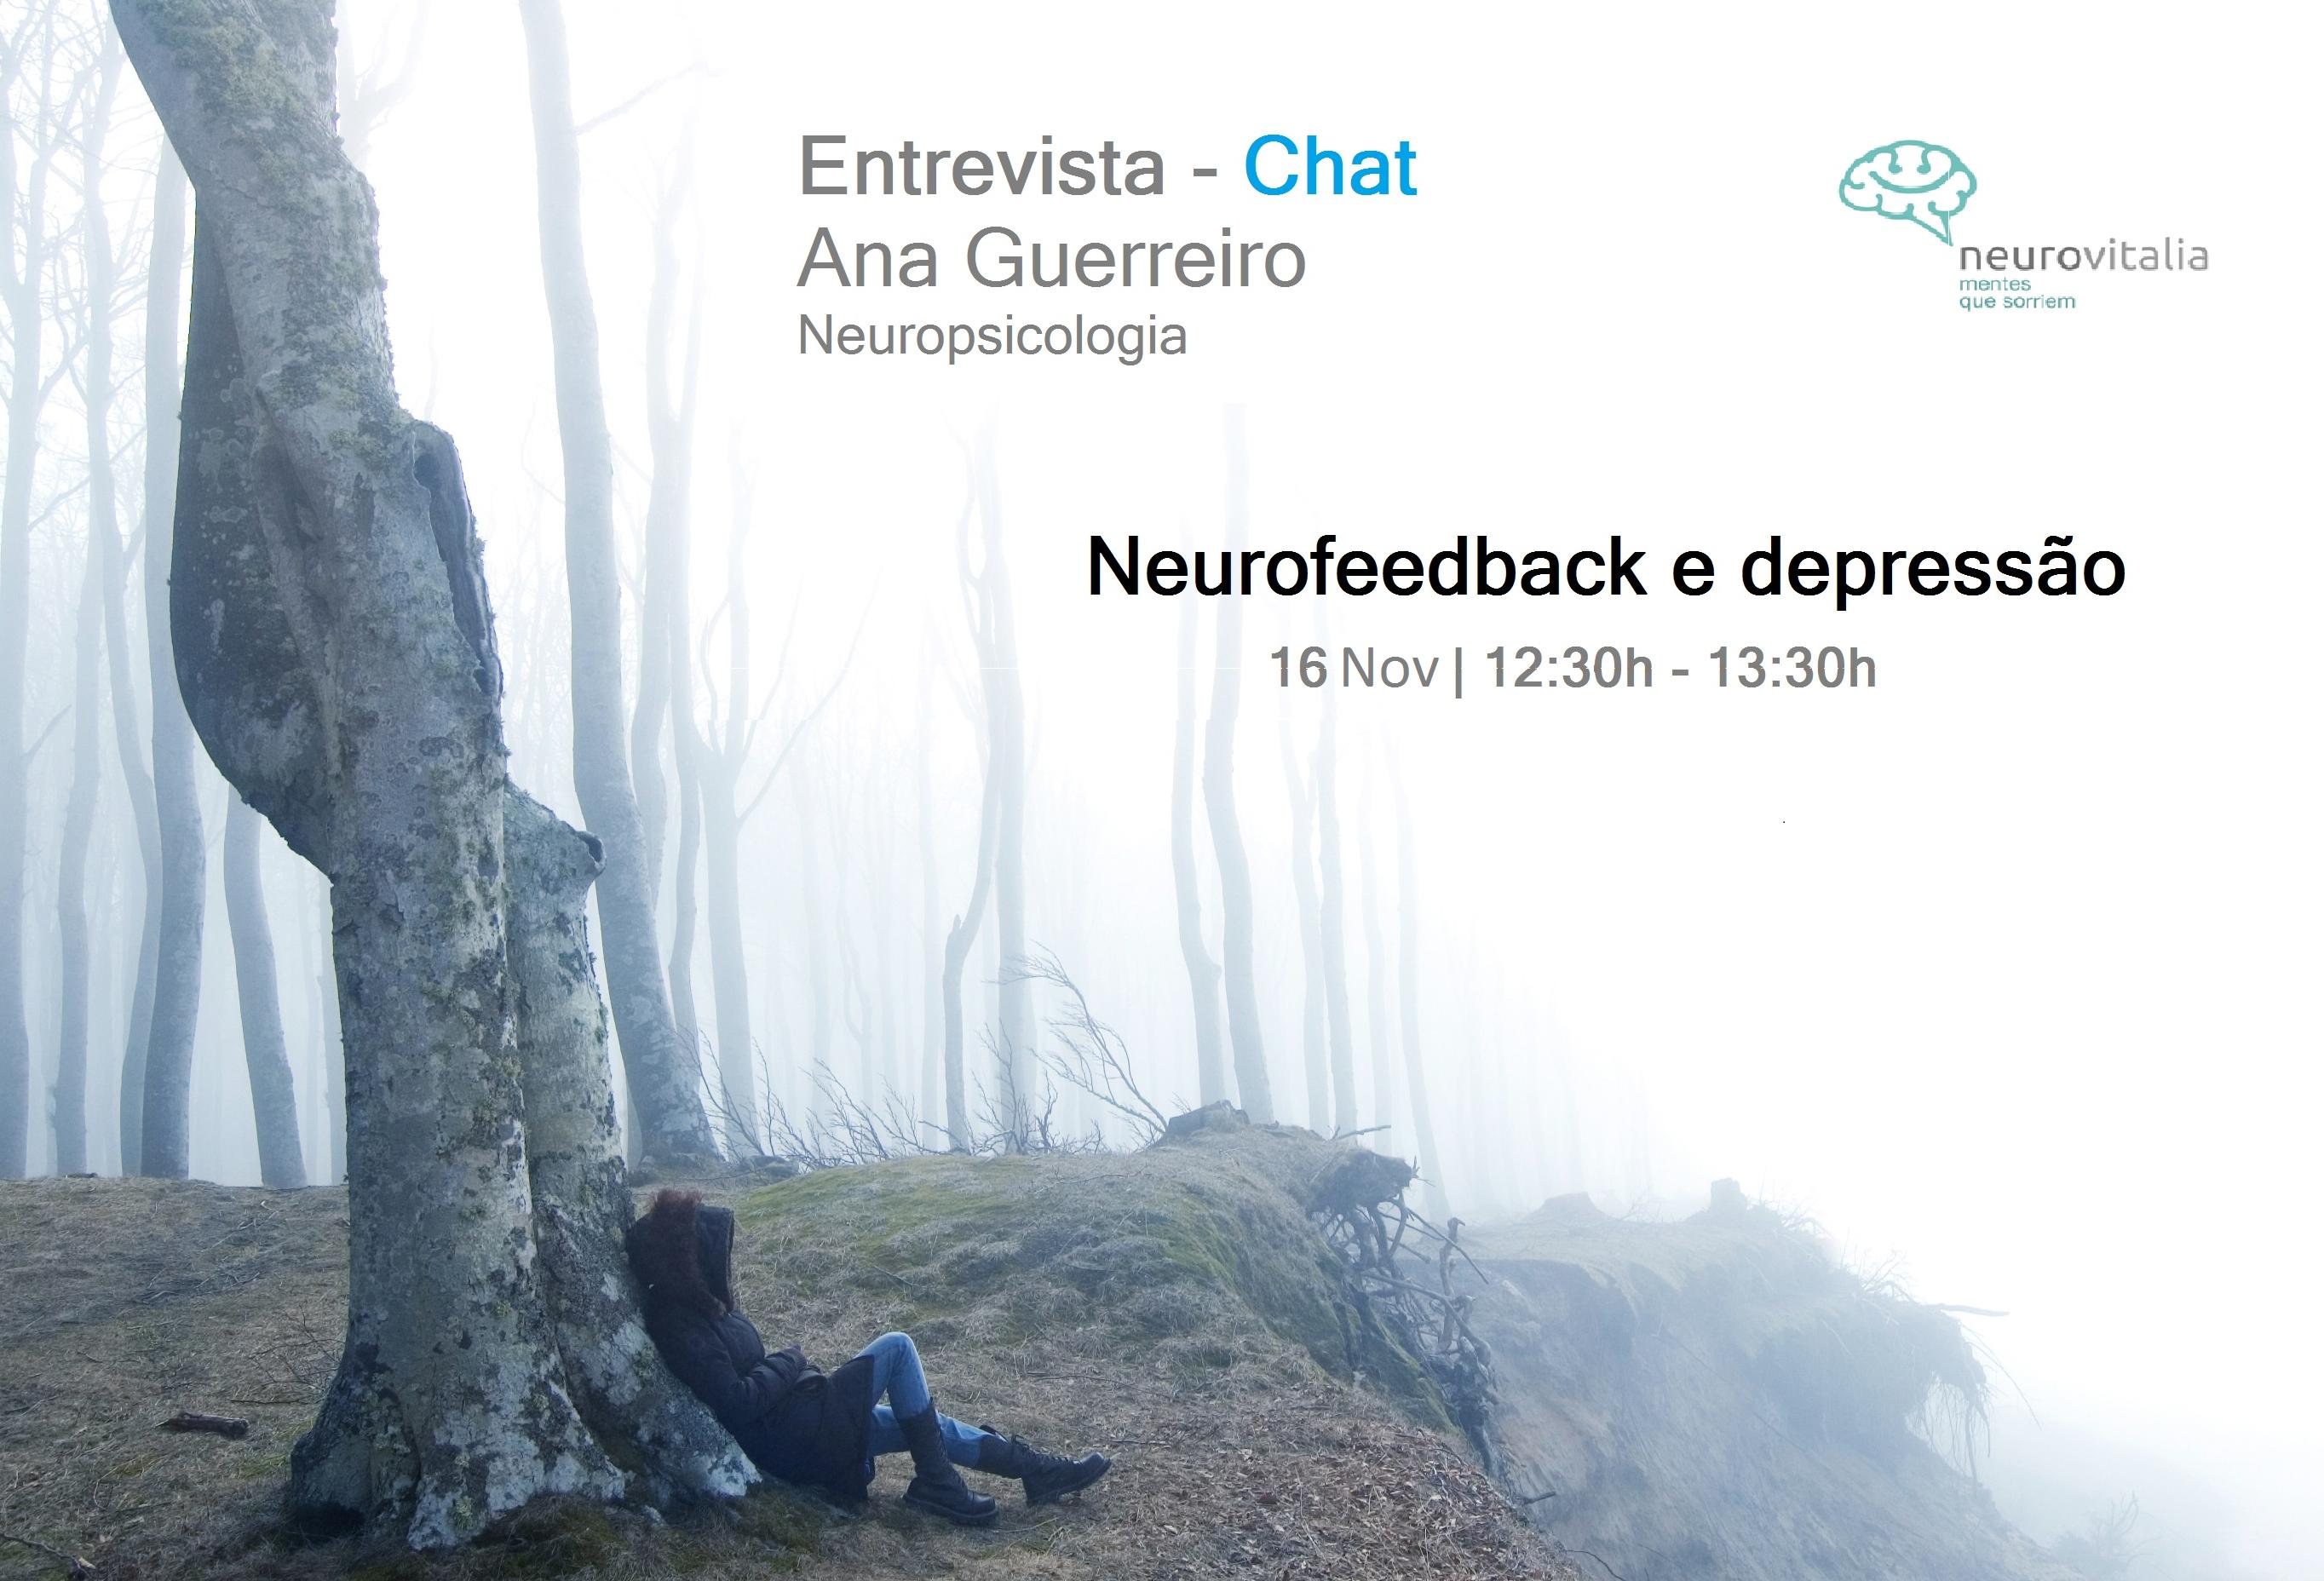 Neurofeedback e depressâo